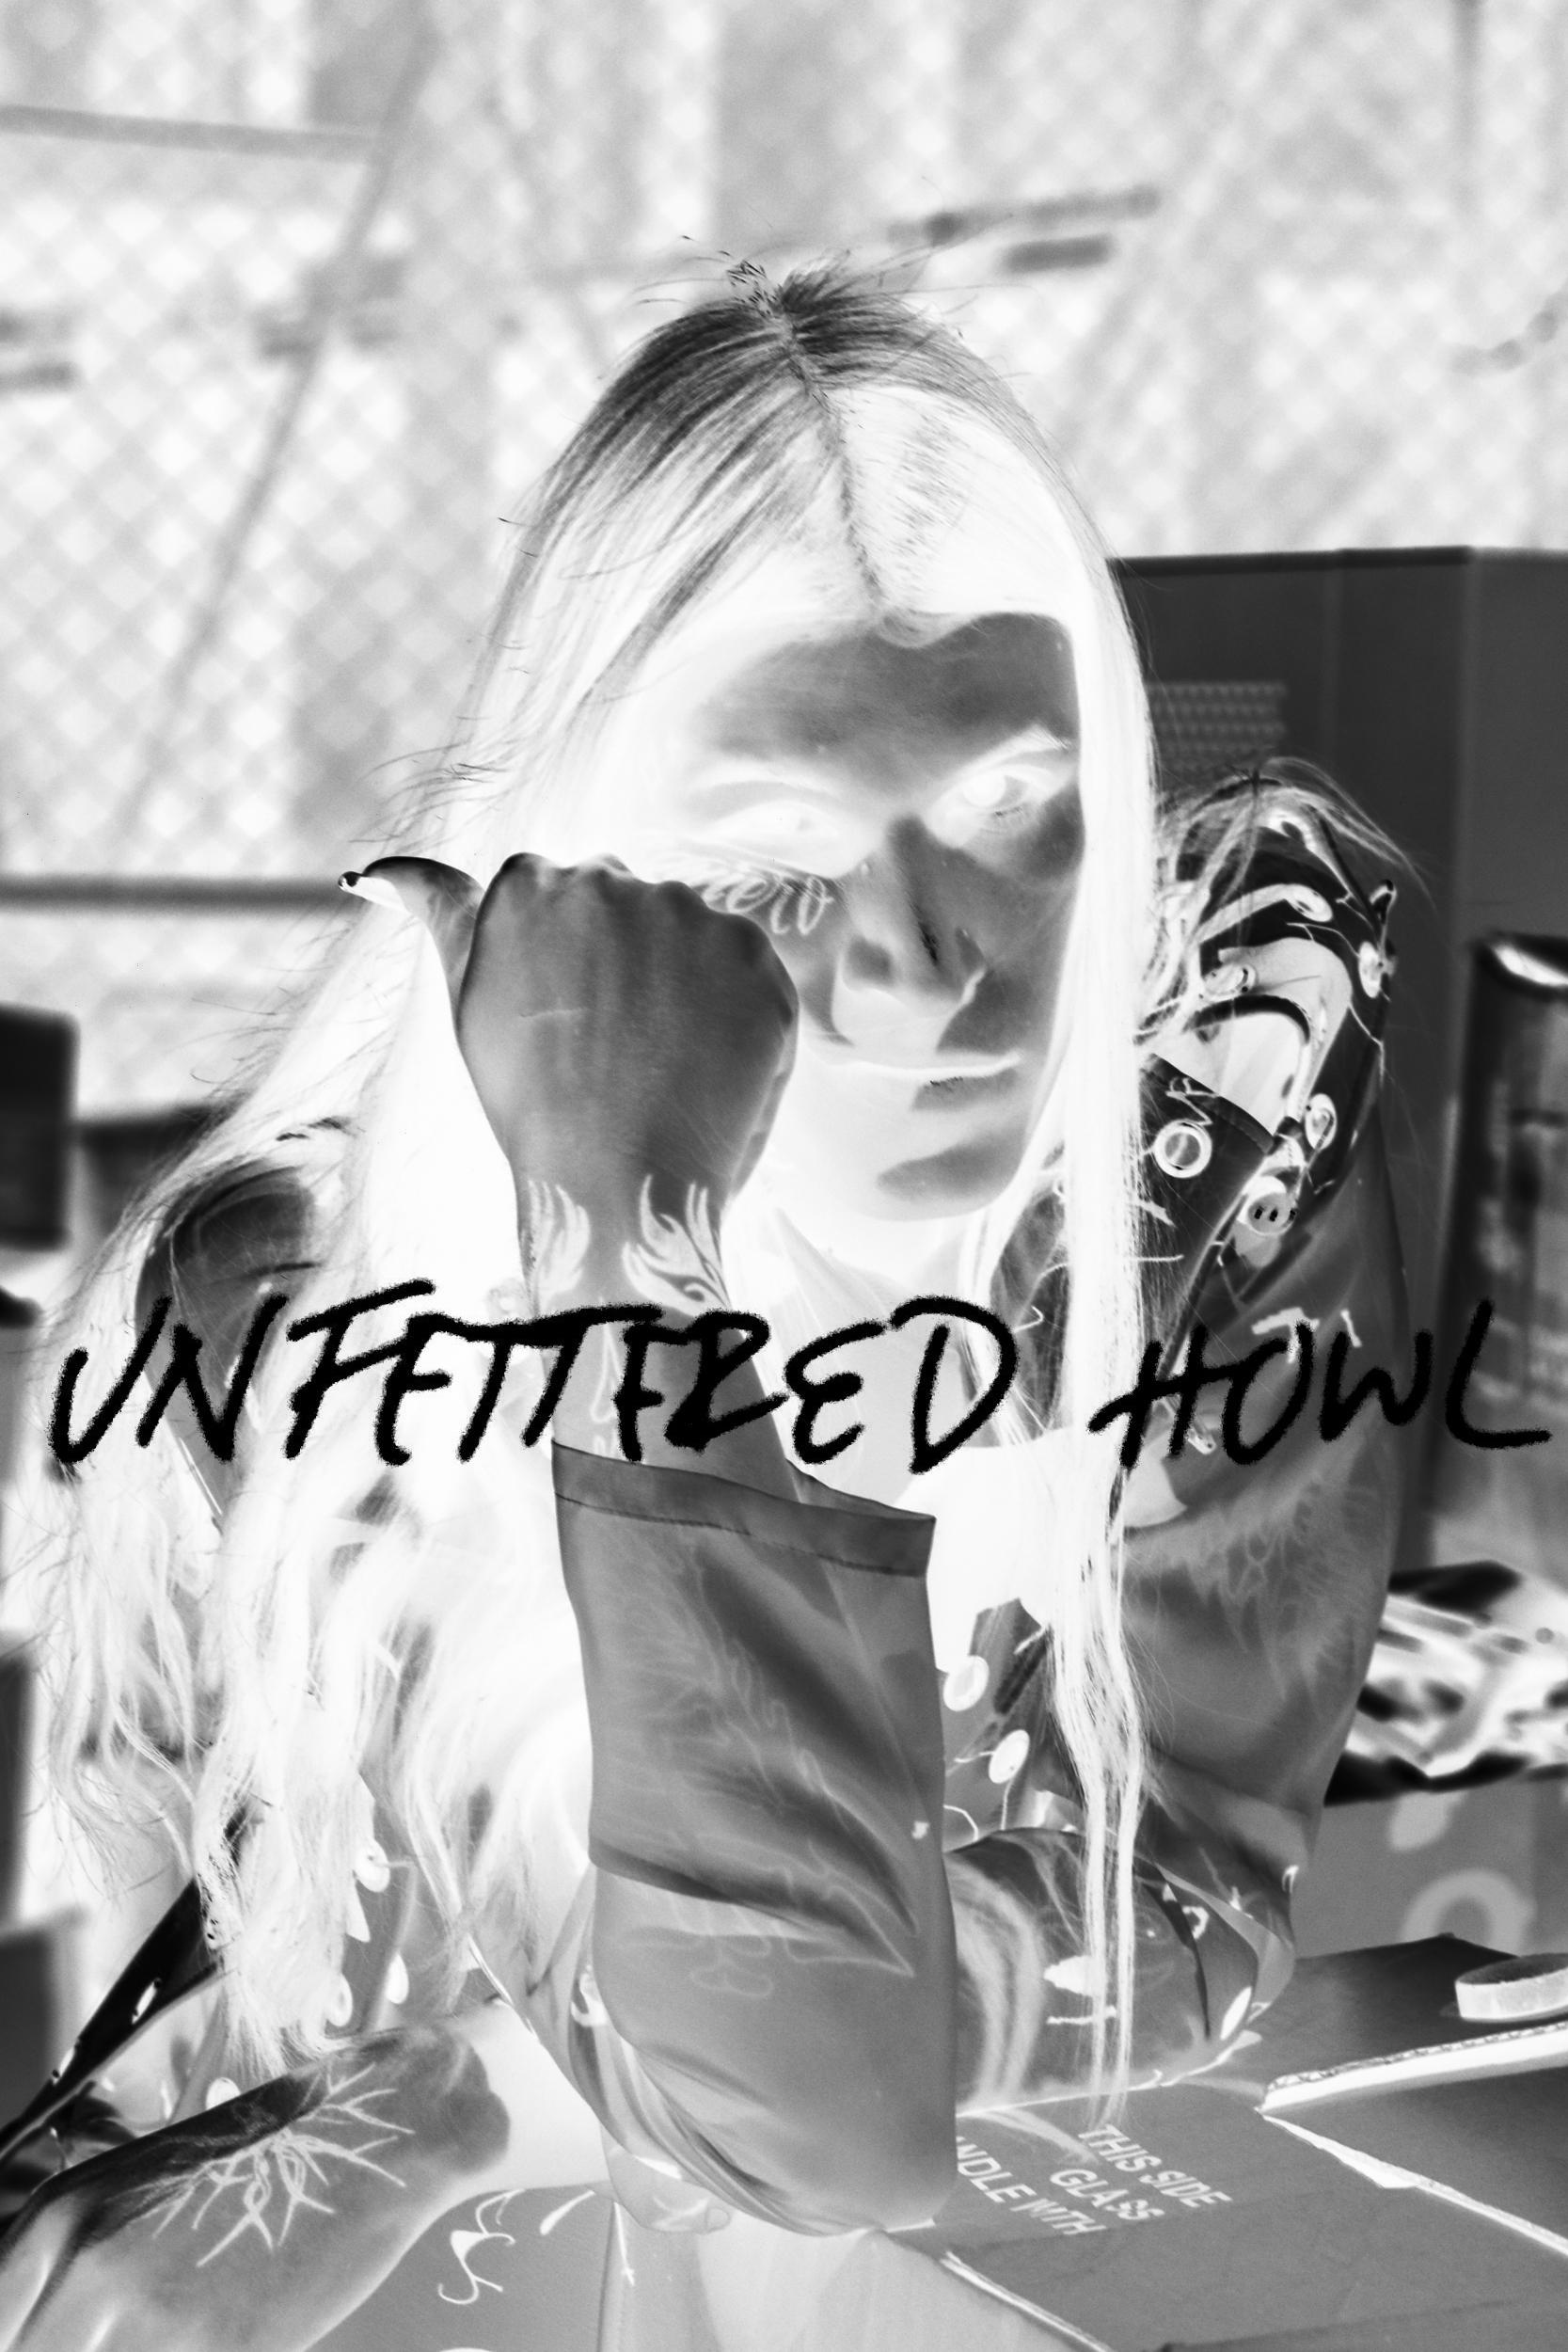 unfettered howl .jpg